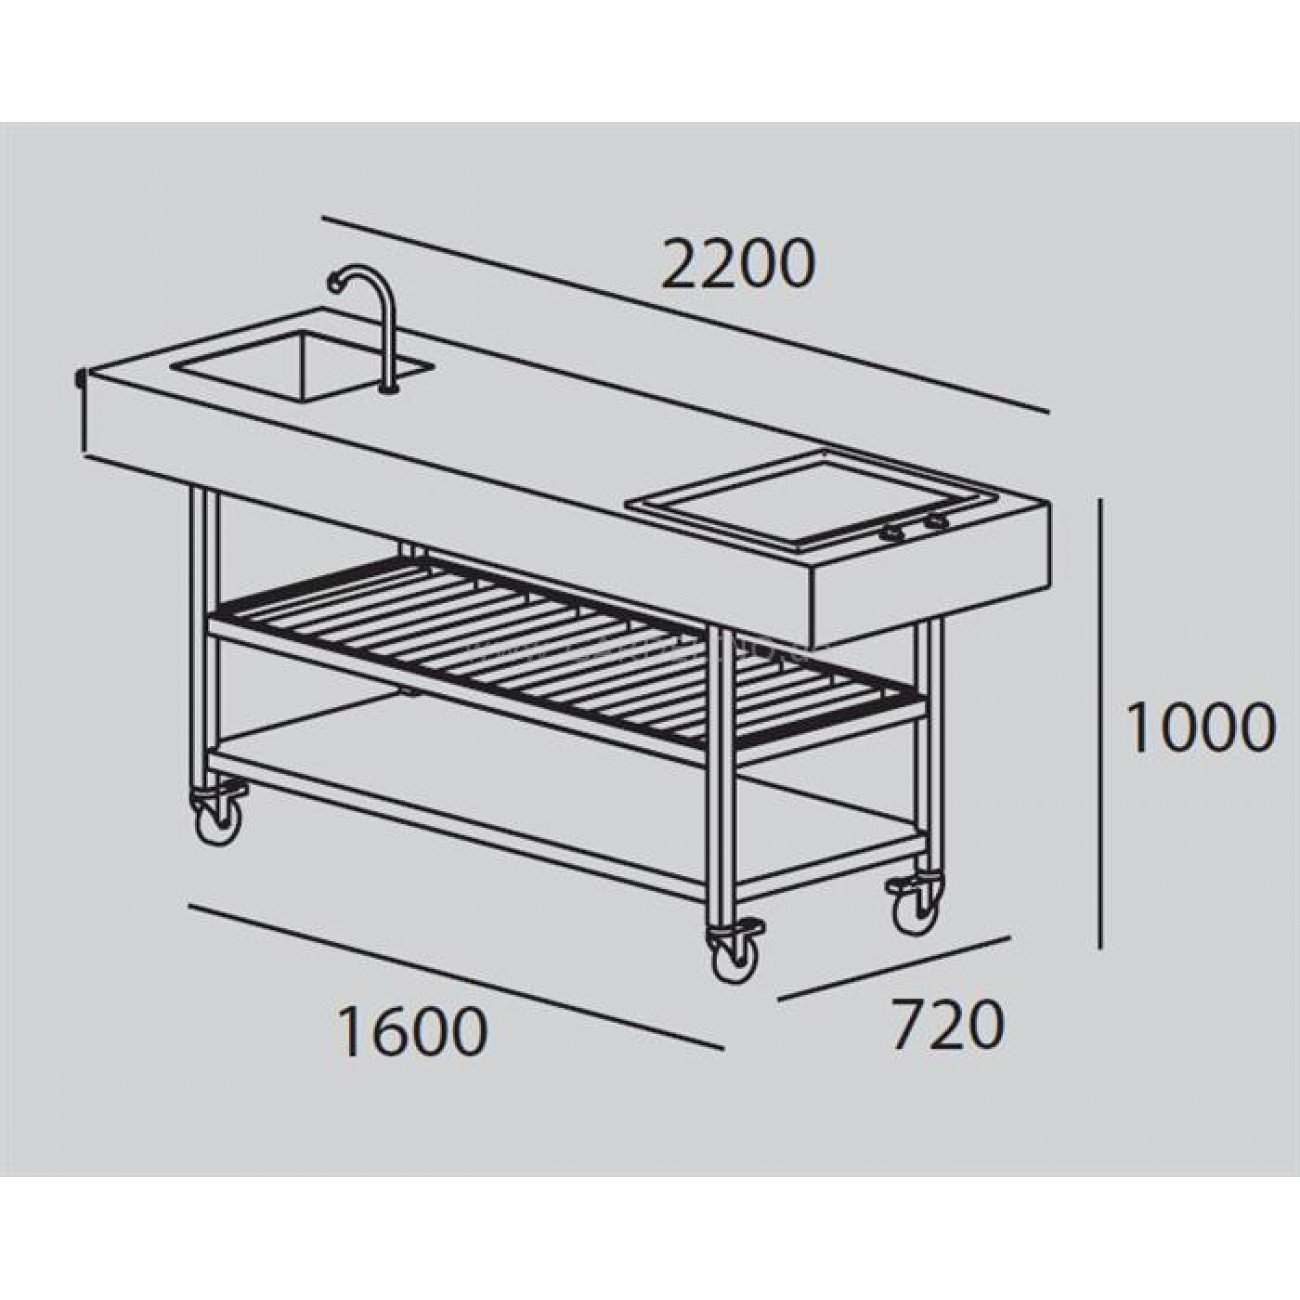 gartenk che selber bauen grillplatz essplatz gem tliche. Black Bedroom Furniture Sets. Home Design Ideas